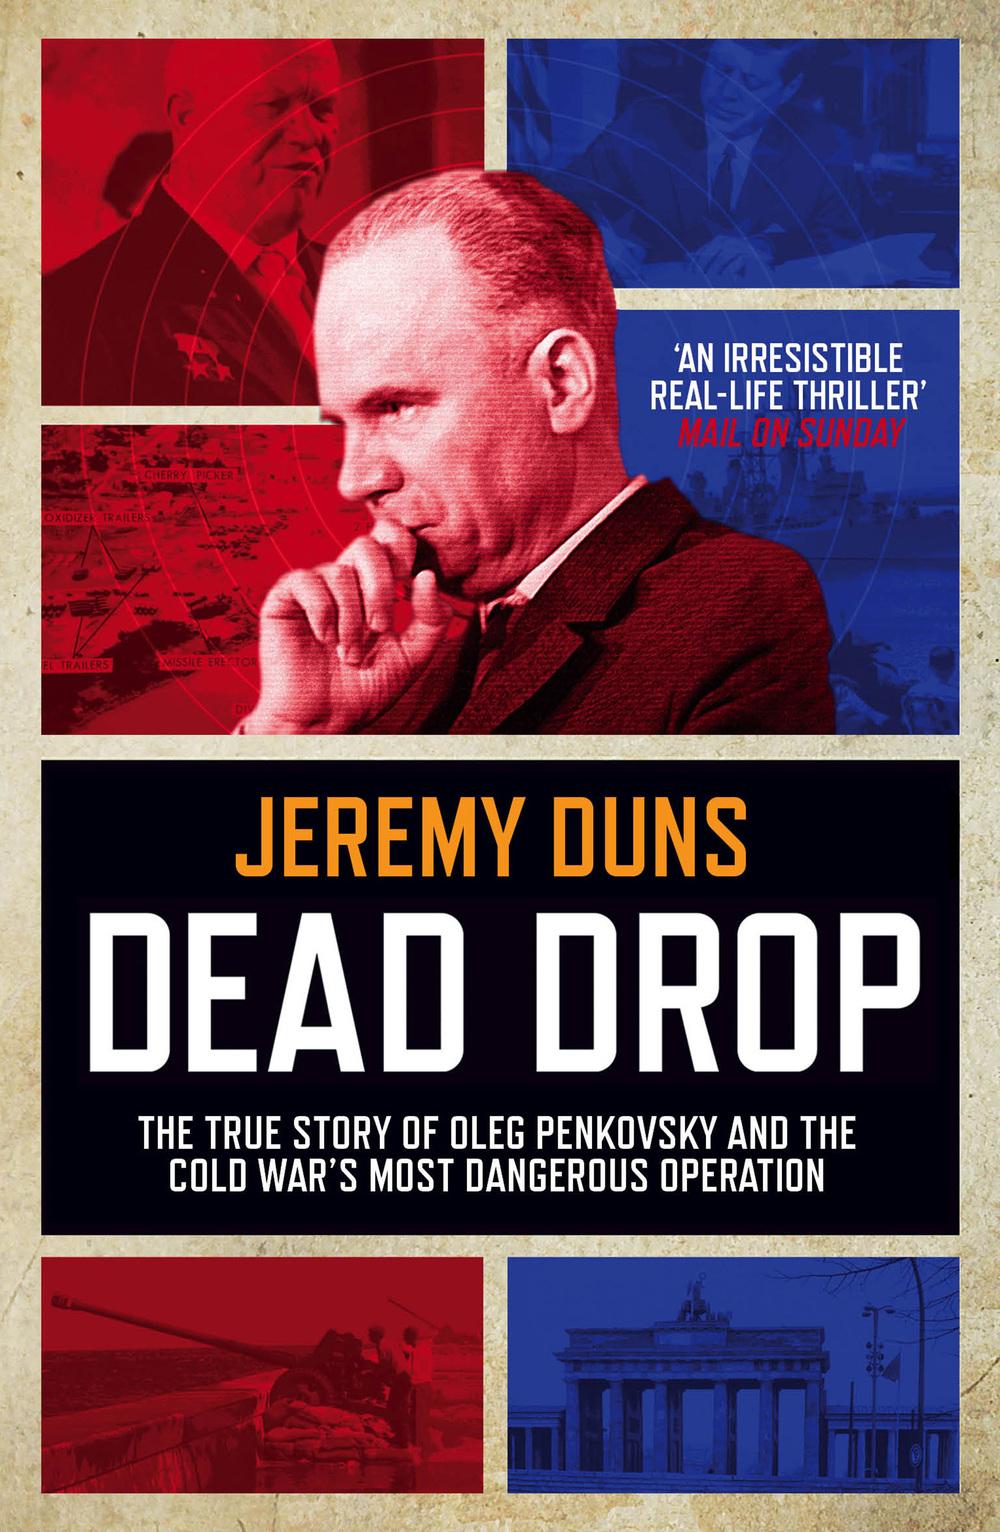 DEAD DROP PAPERBACK.jpg